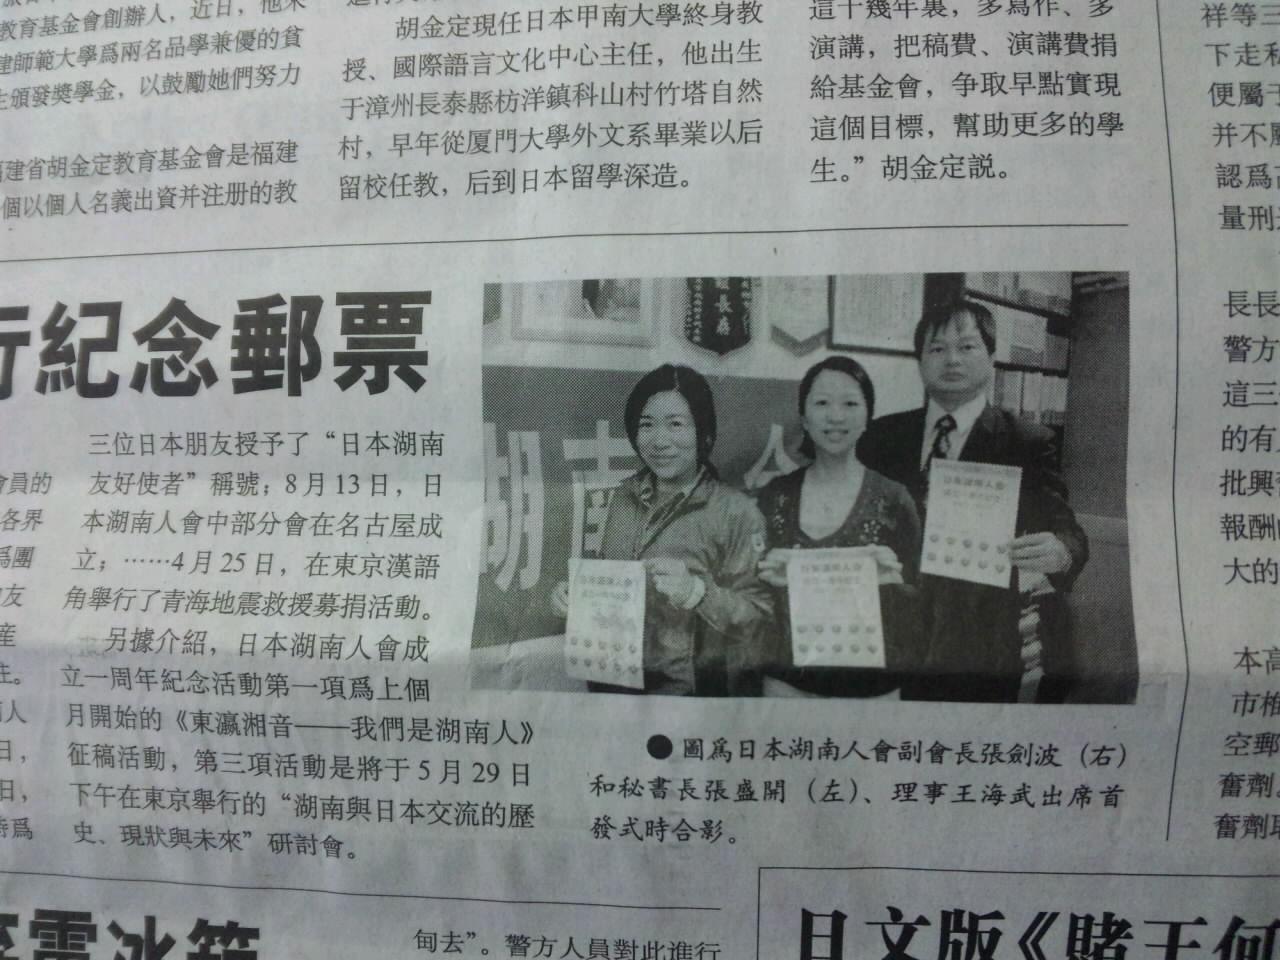 新華時報 日本湖南人会一周年記念切手発行記事を掲載_d0027795_1474661.jpg